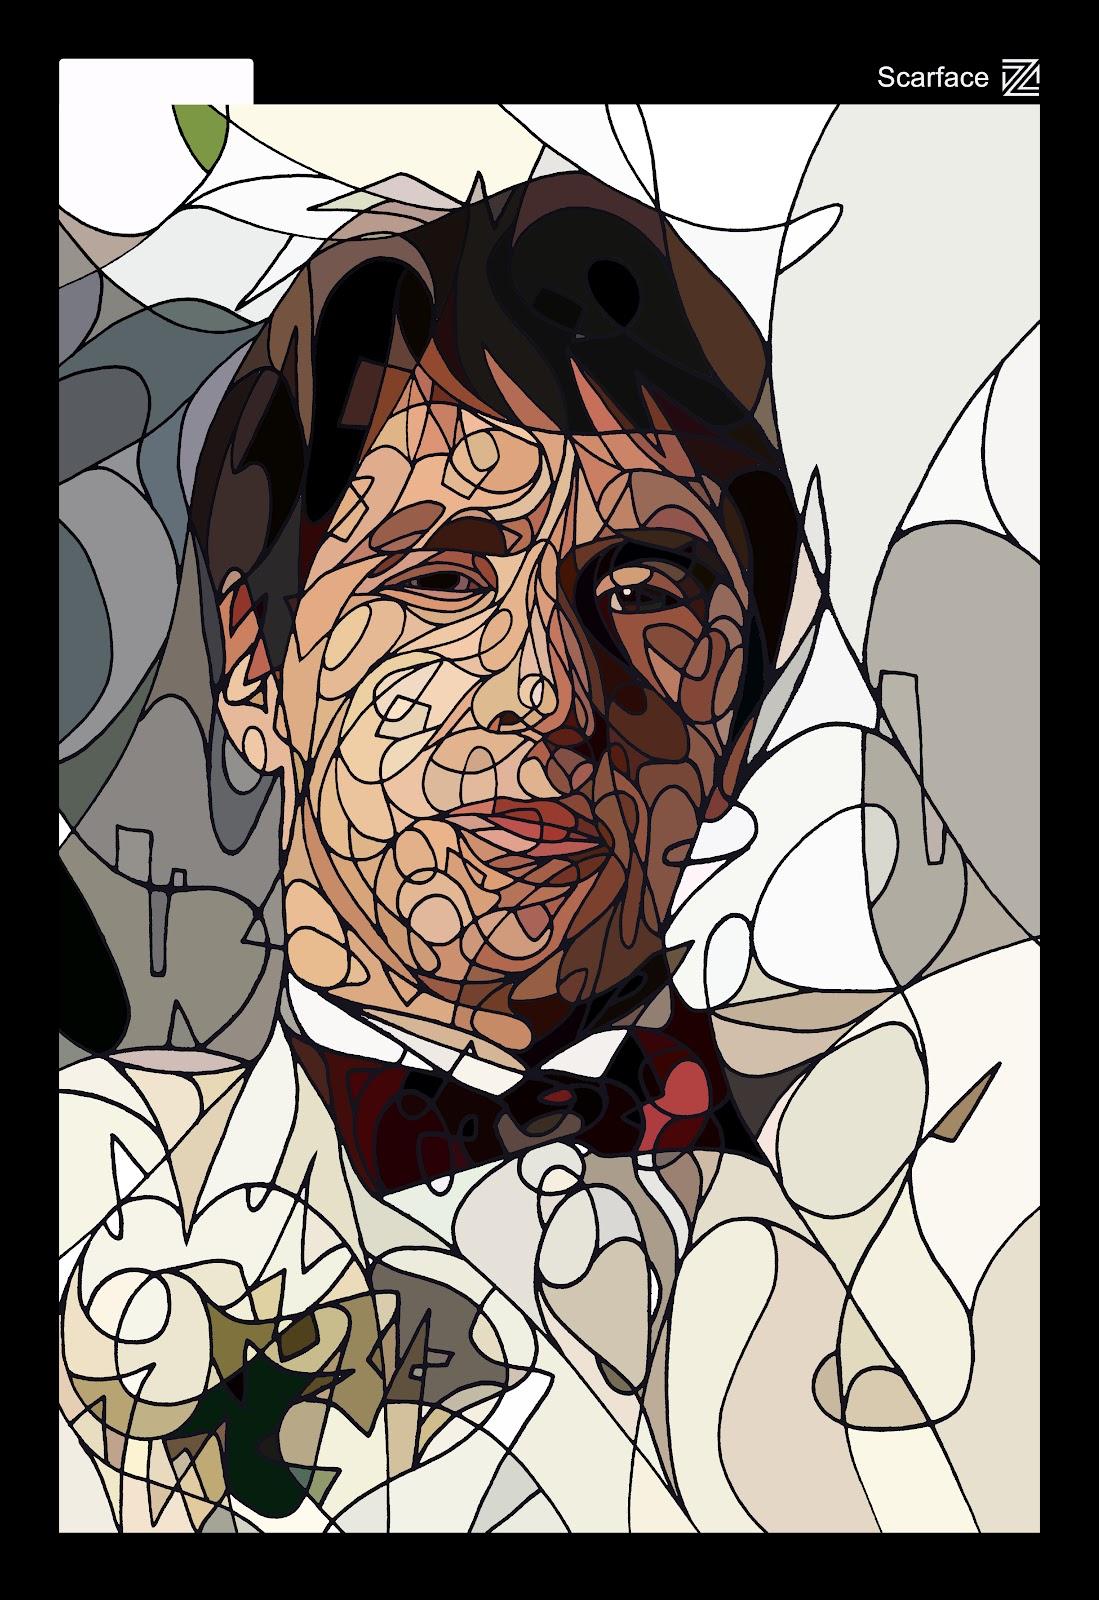 *撩亂草寫勾勒出熟悉KAWS的Pinocchio面孔:Dozow Chen 3